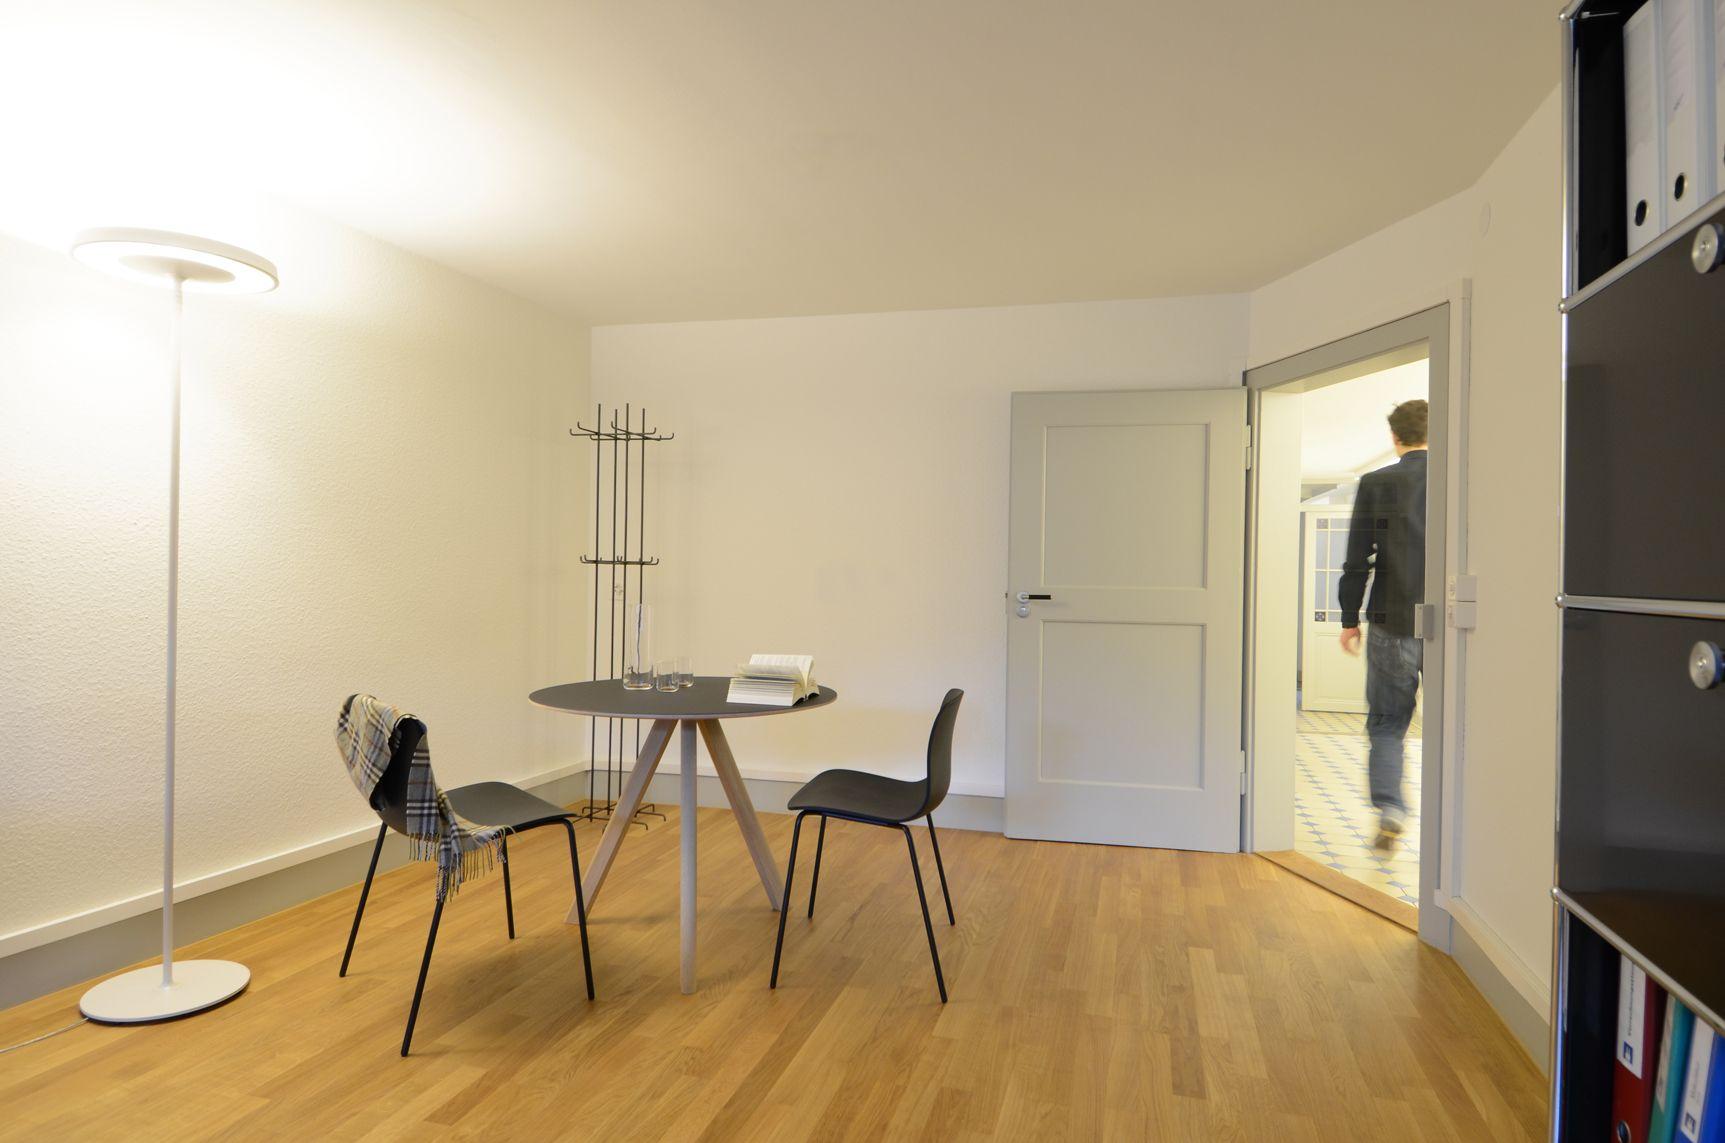 Büroeinrichtung design  Innenarchitektur Büroeinrichtung | interior design office interior ...